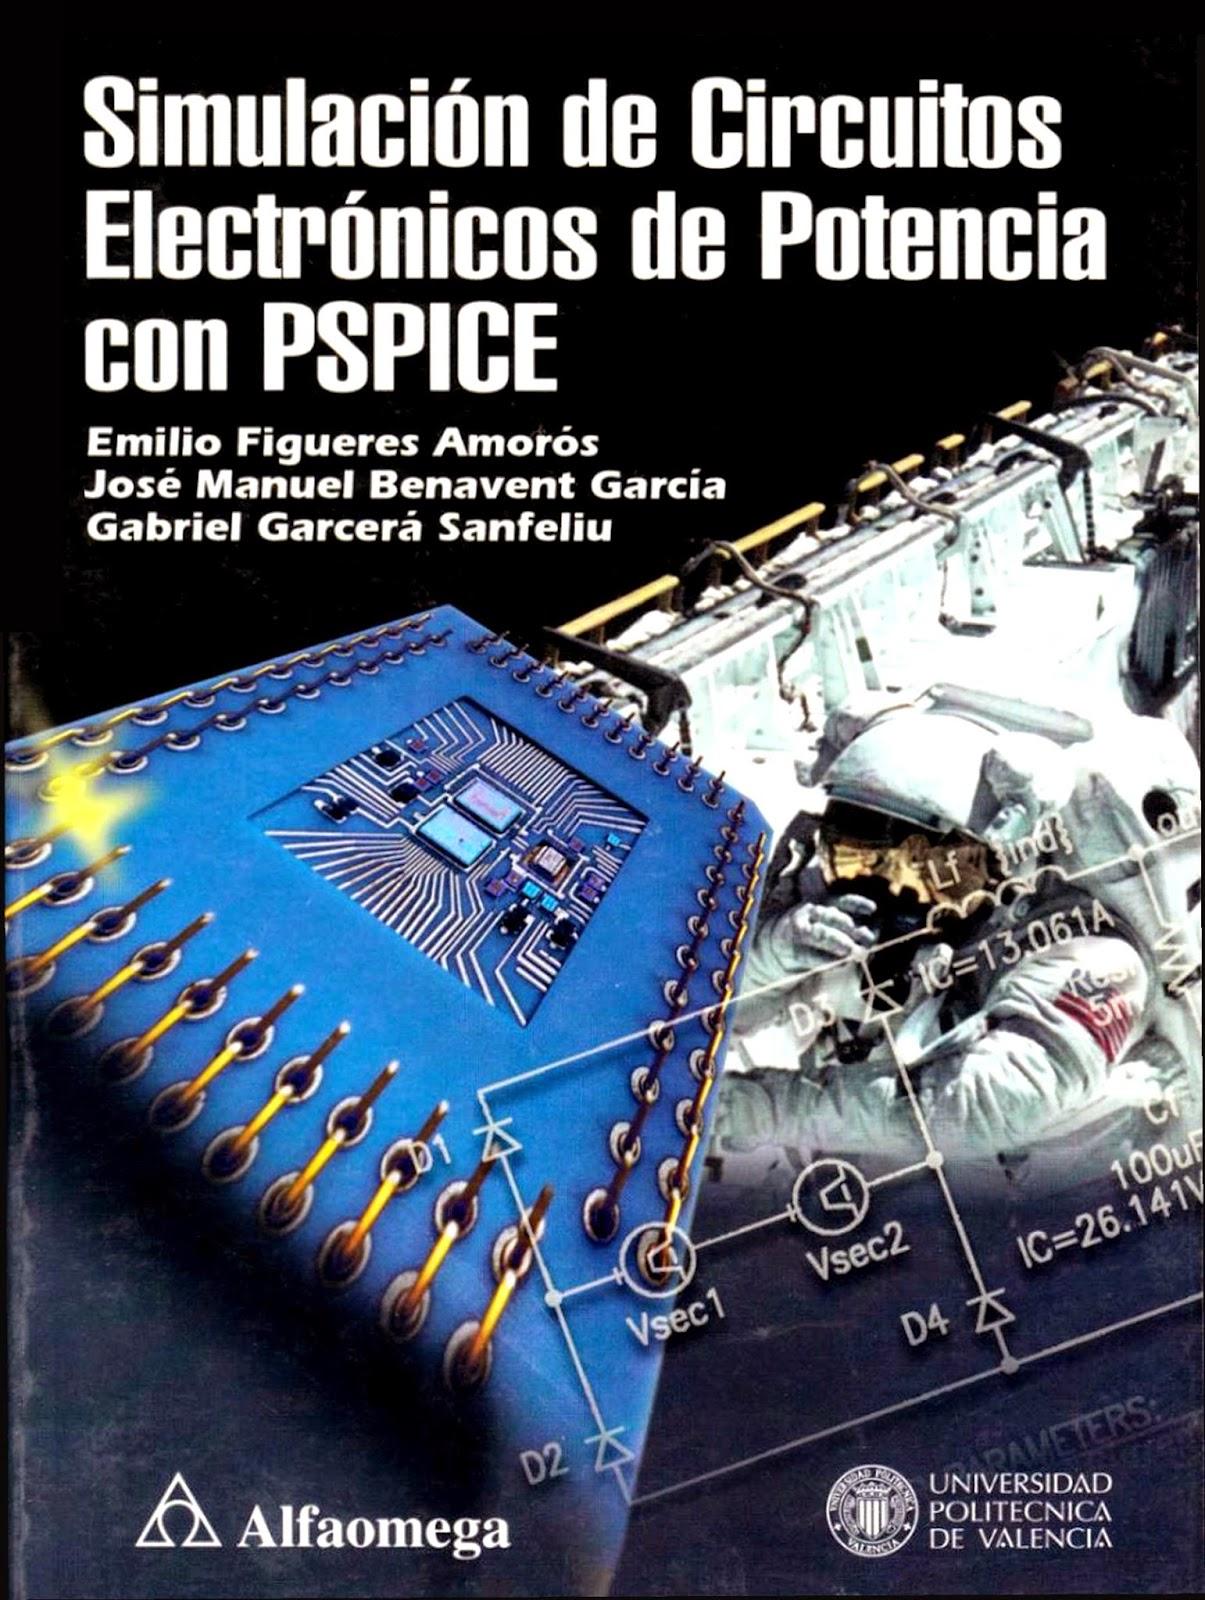 Simulación de circuitos electrónicos de potencia con PSPICE – Emilio Figueres Amorós